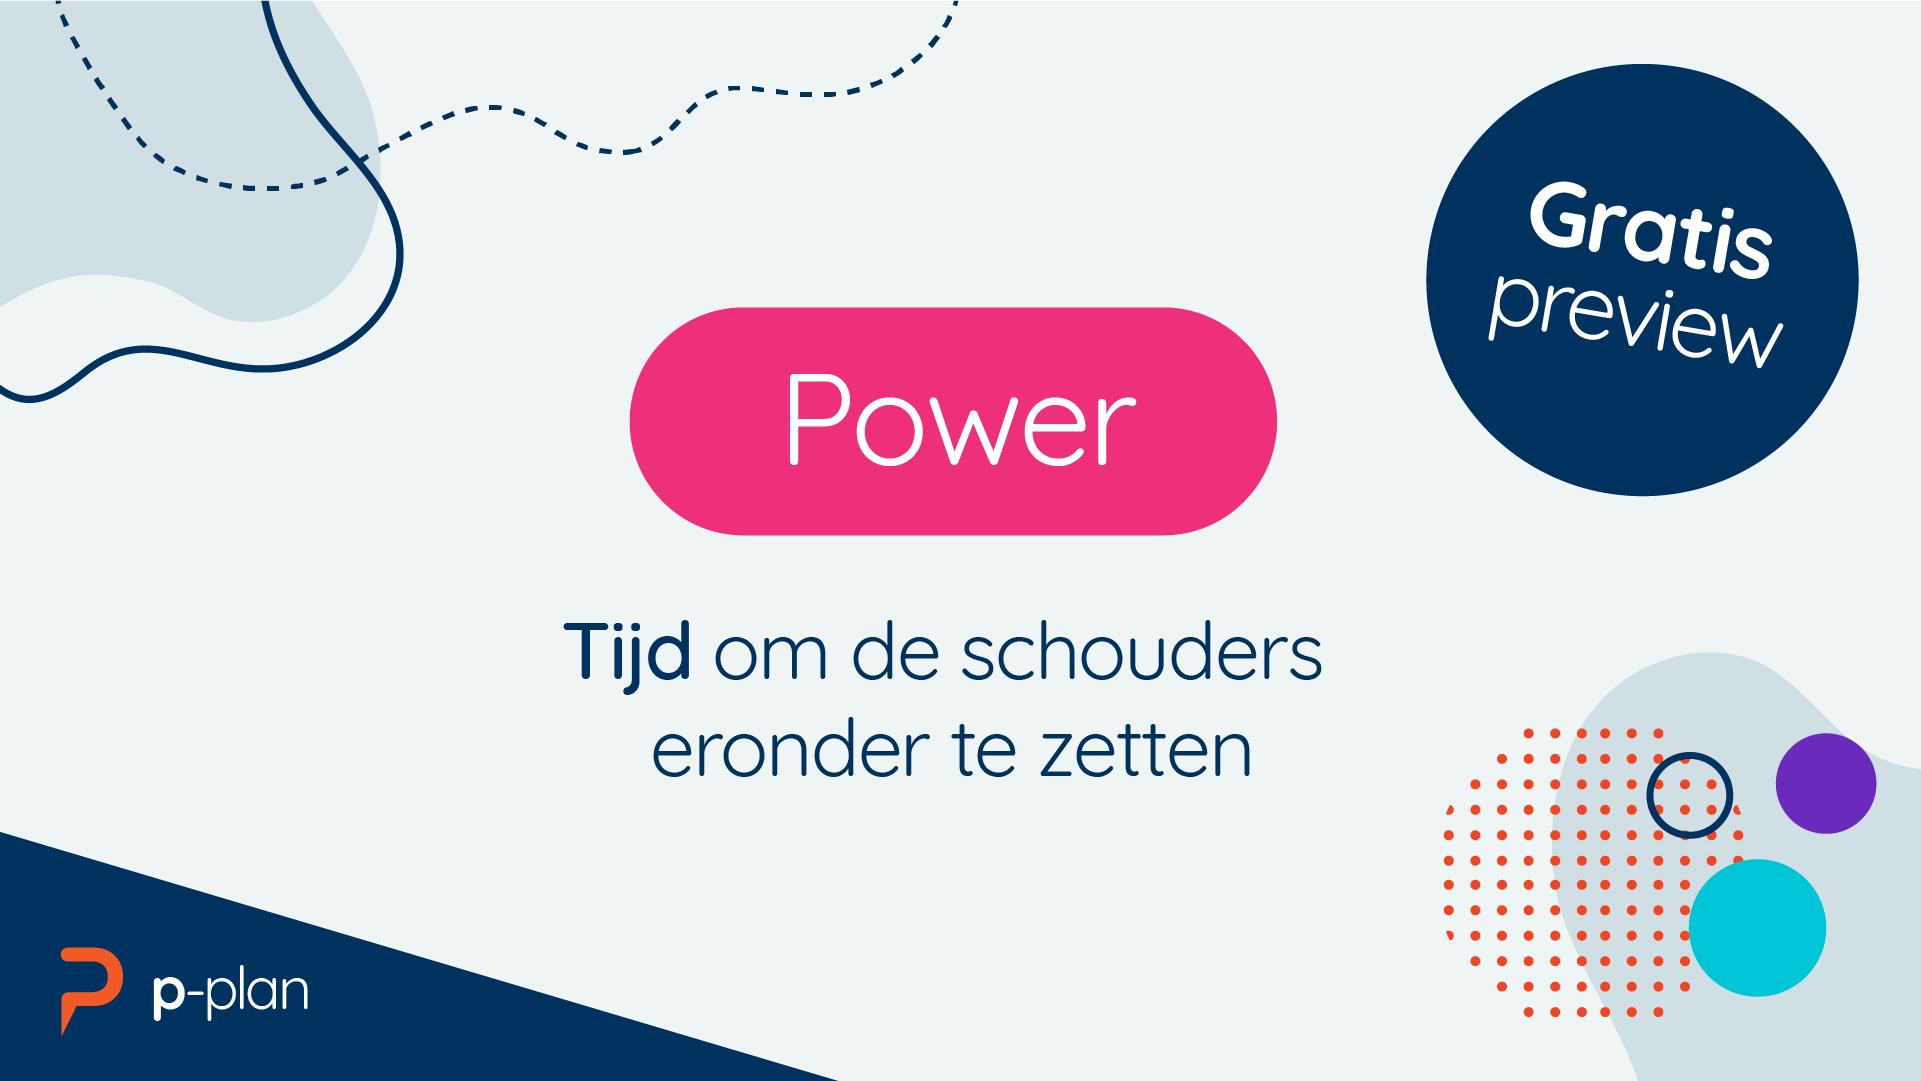 Deze gratis preview les gaat over Power, tijd om de schouders eronder te zetten